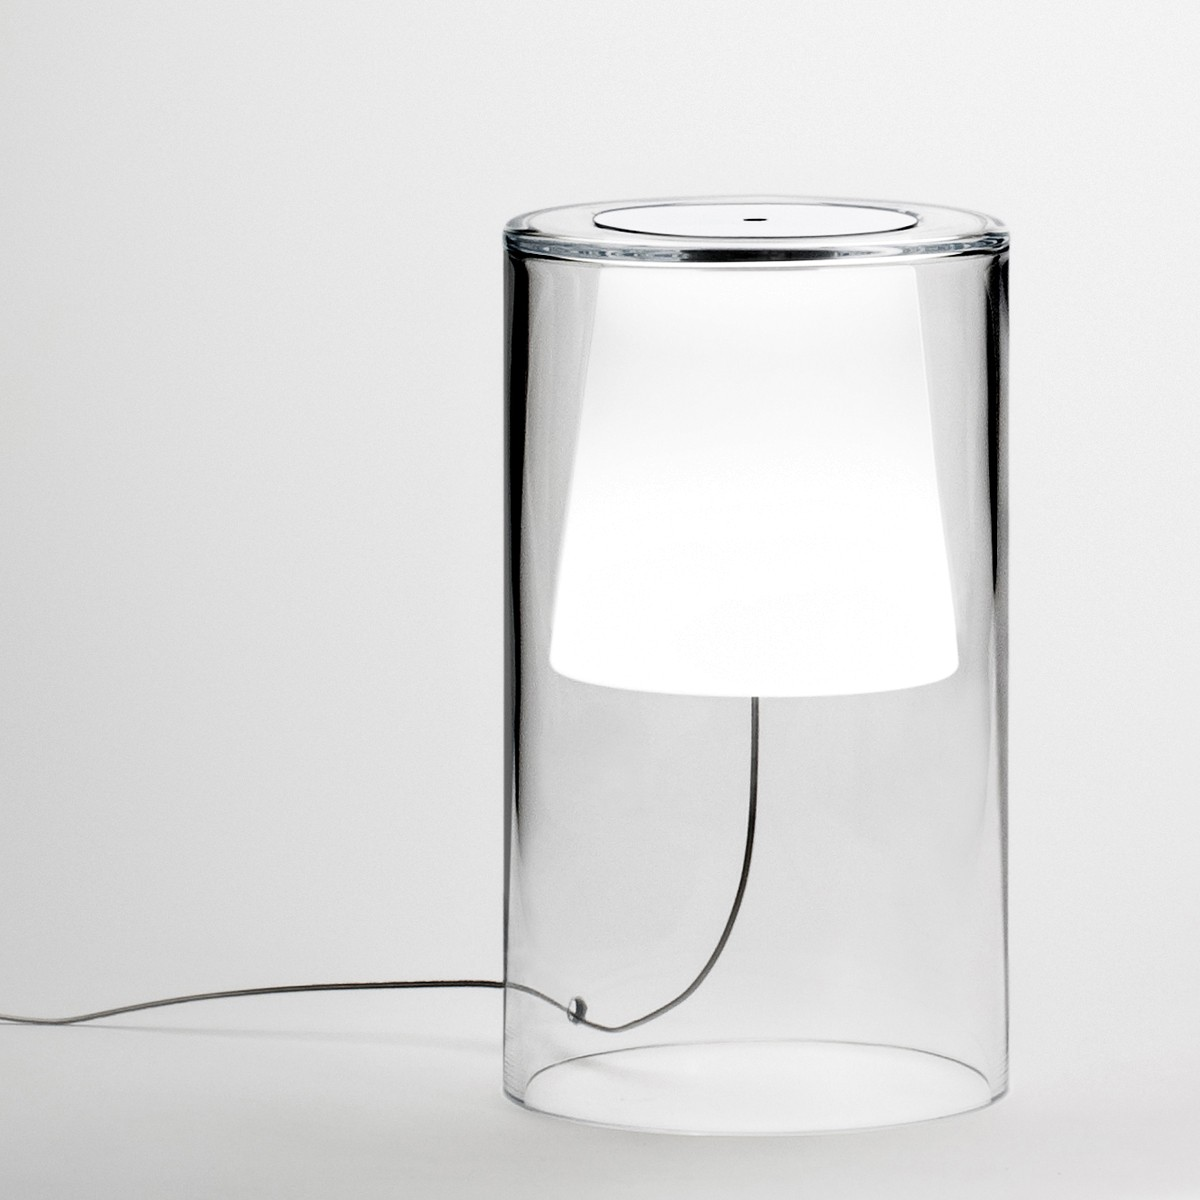 Vibia Join Tischleuchte, Höhe: 34 cm, Glas, mit Kabeldimmer